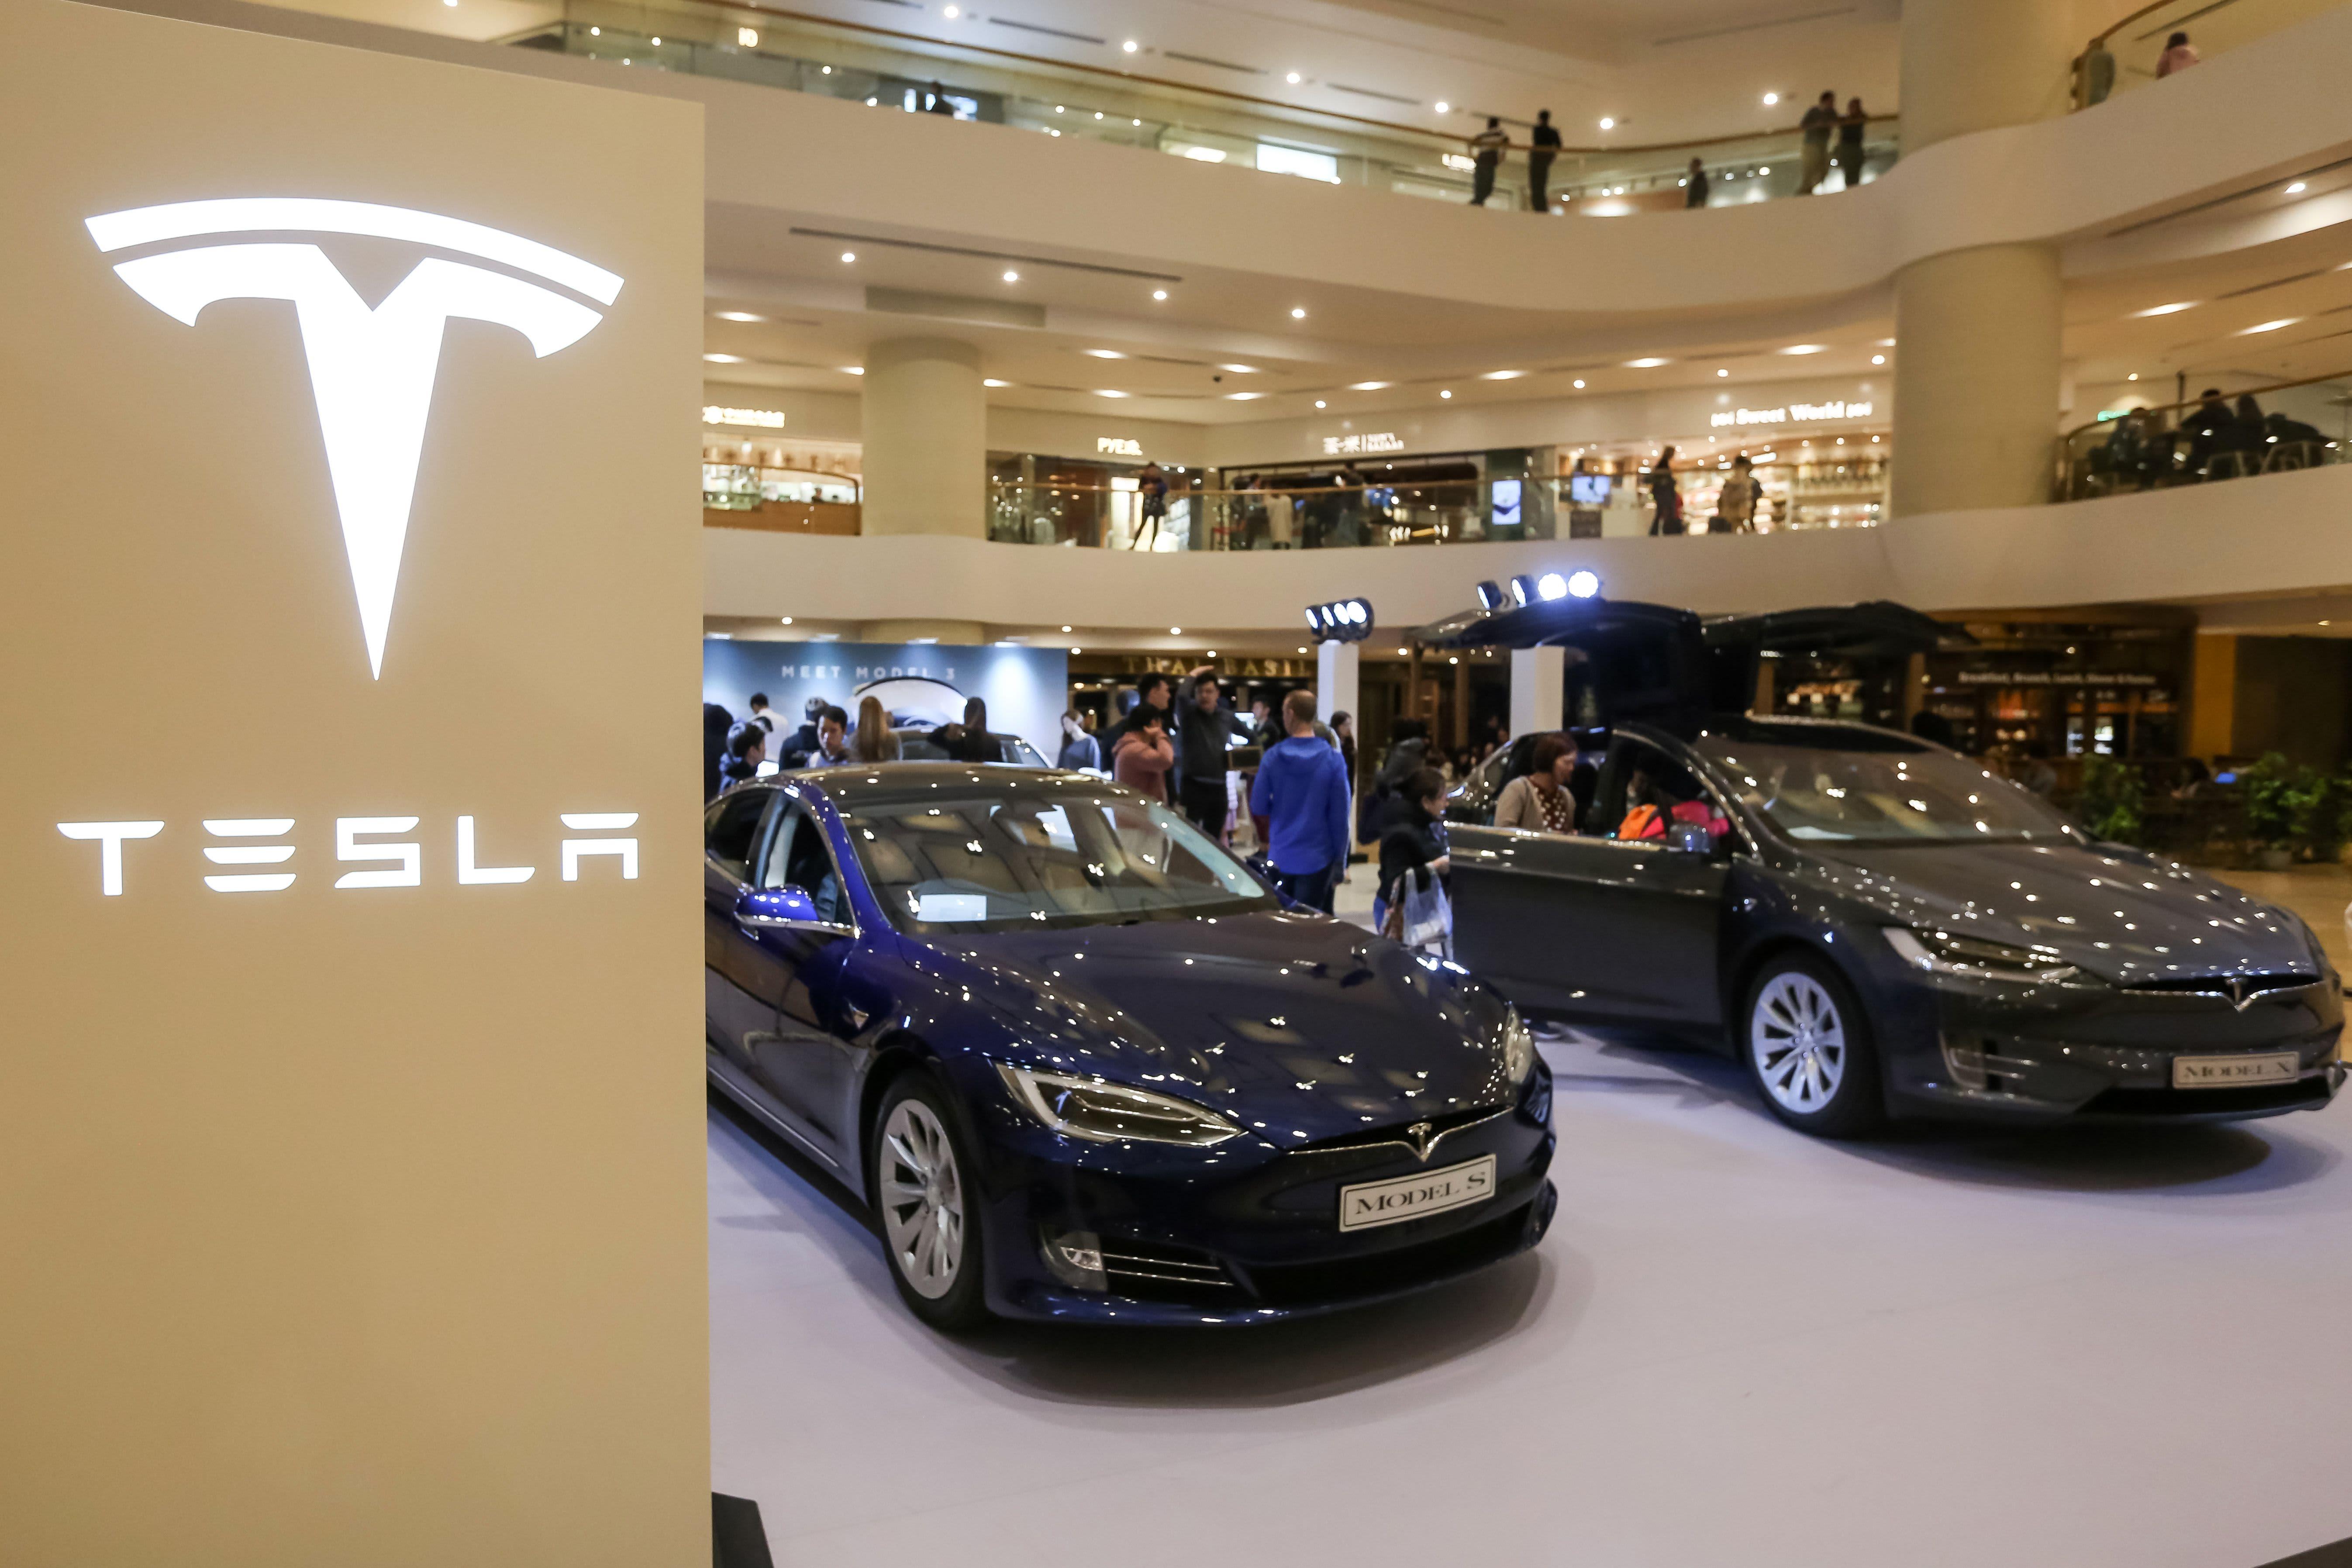 Tesla shares could drop to $10 in a worst-case scenario, Morgan Stanley says